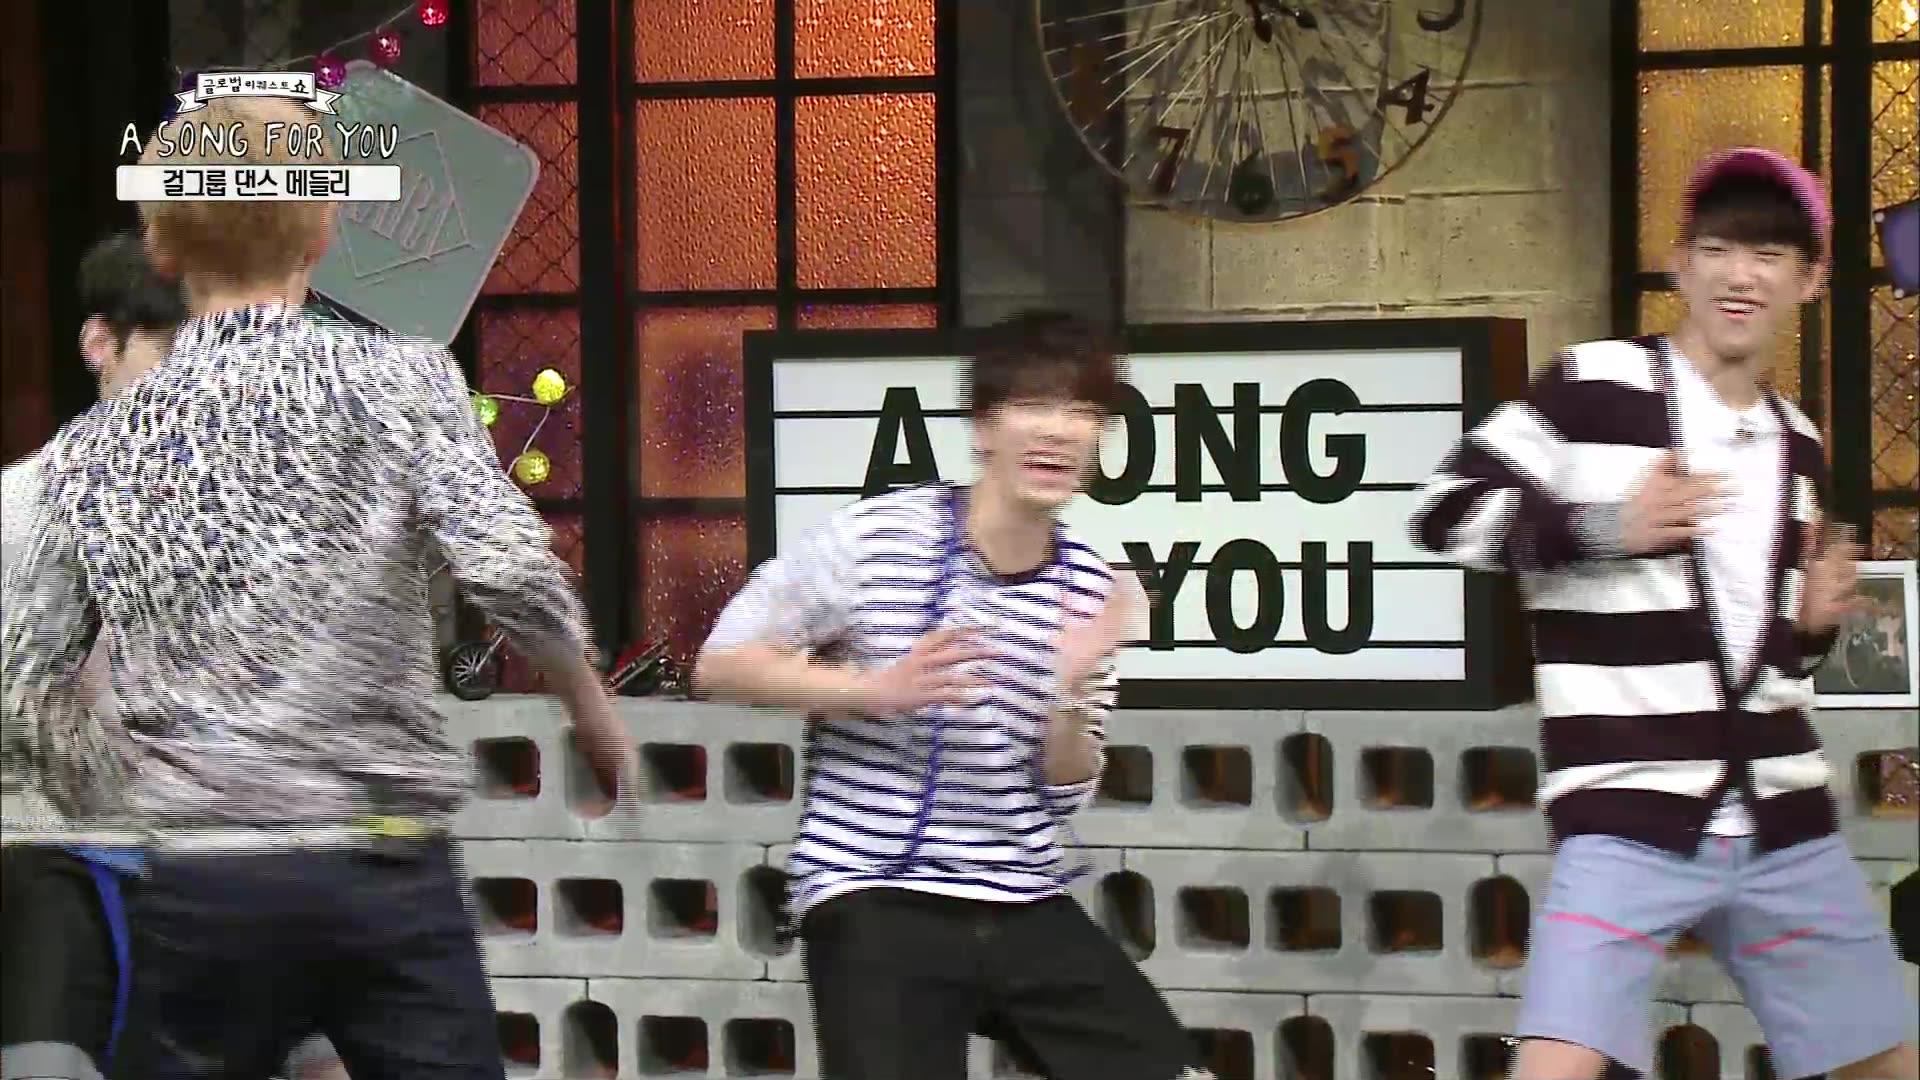 GOT7's Girl Group Dances: A Song for You Season 4